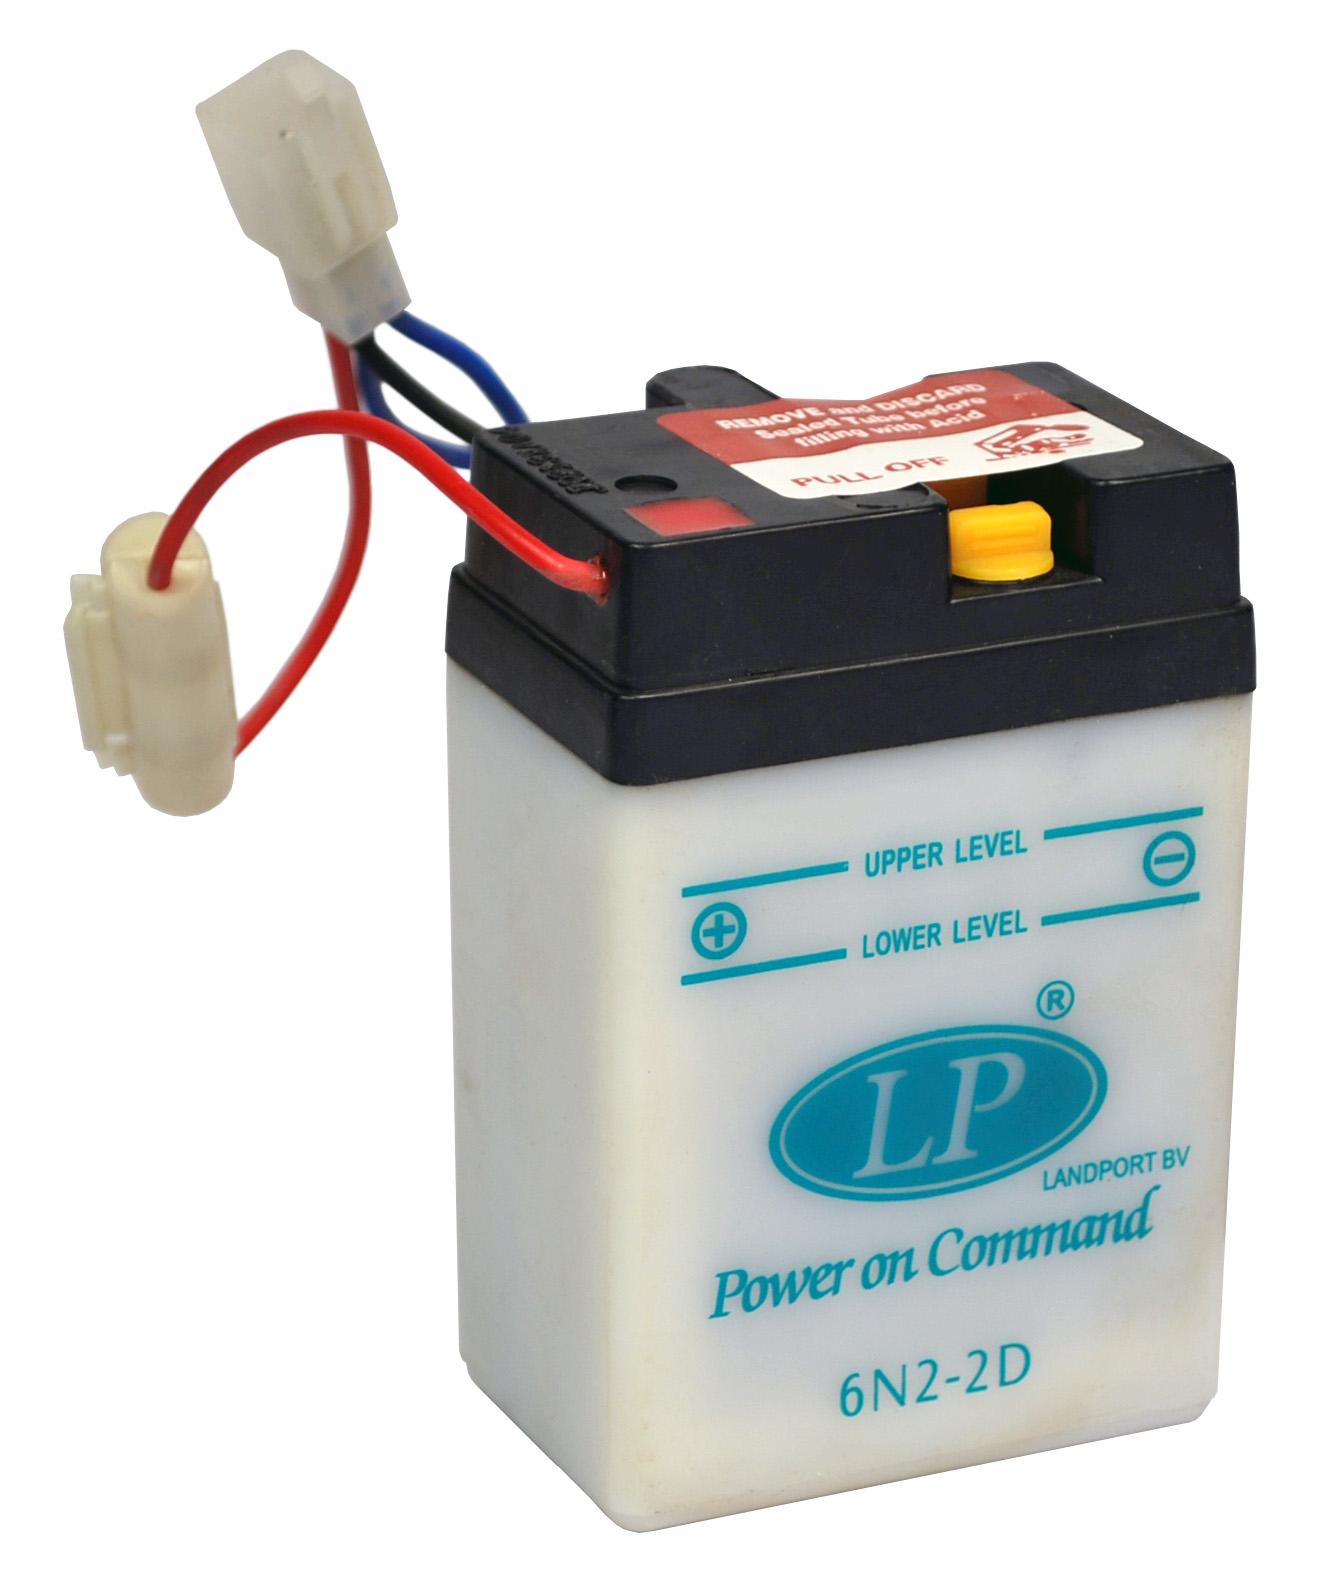 6N2-2D motor accu zonder zuurpakket